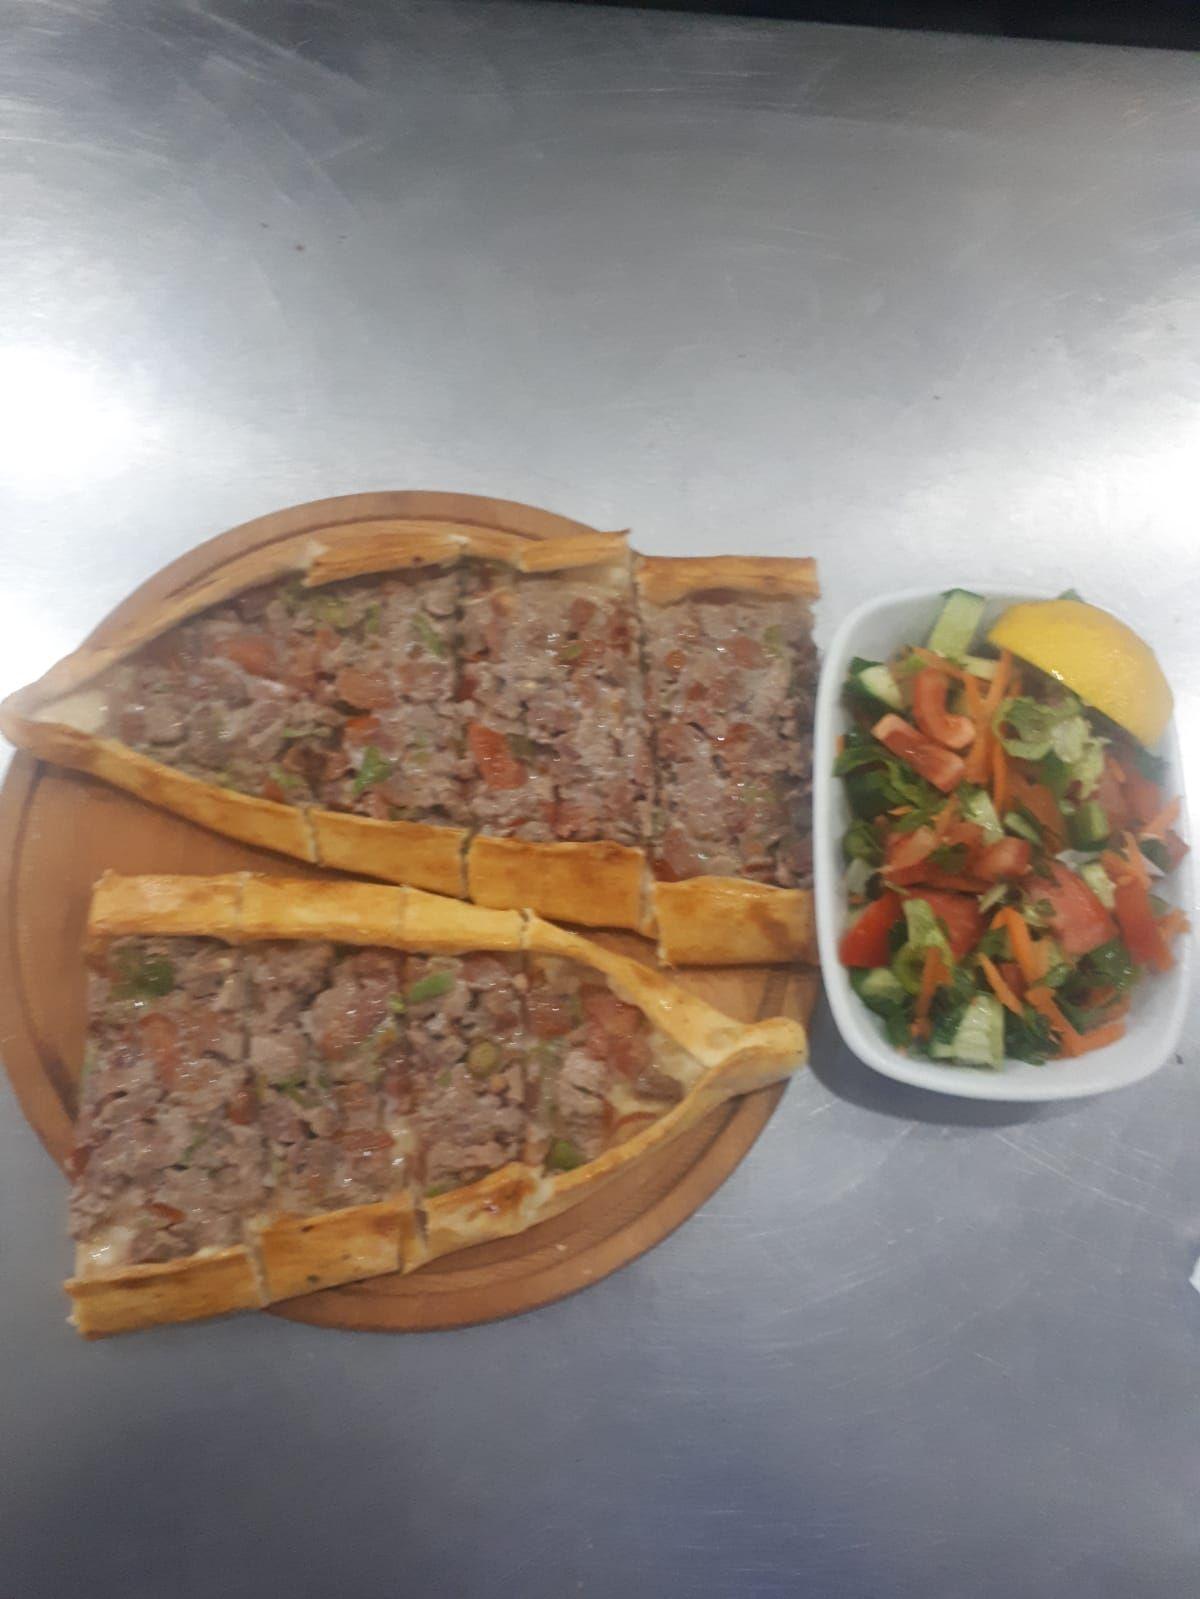 Uludağ Kebap Maltepe | Kuşbaşılı Pide + Salata